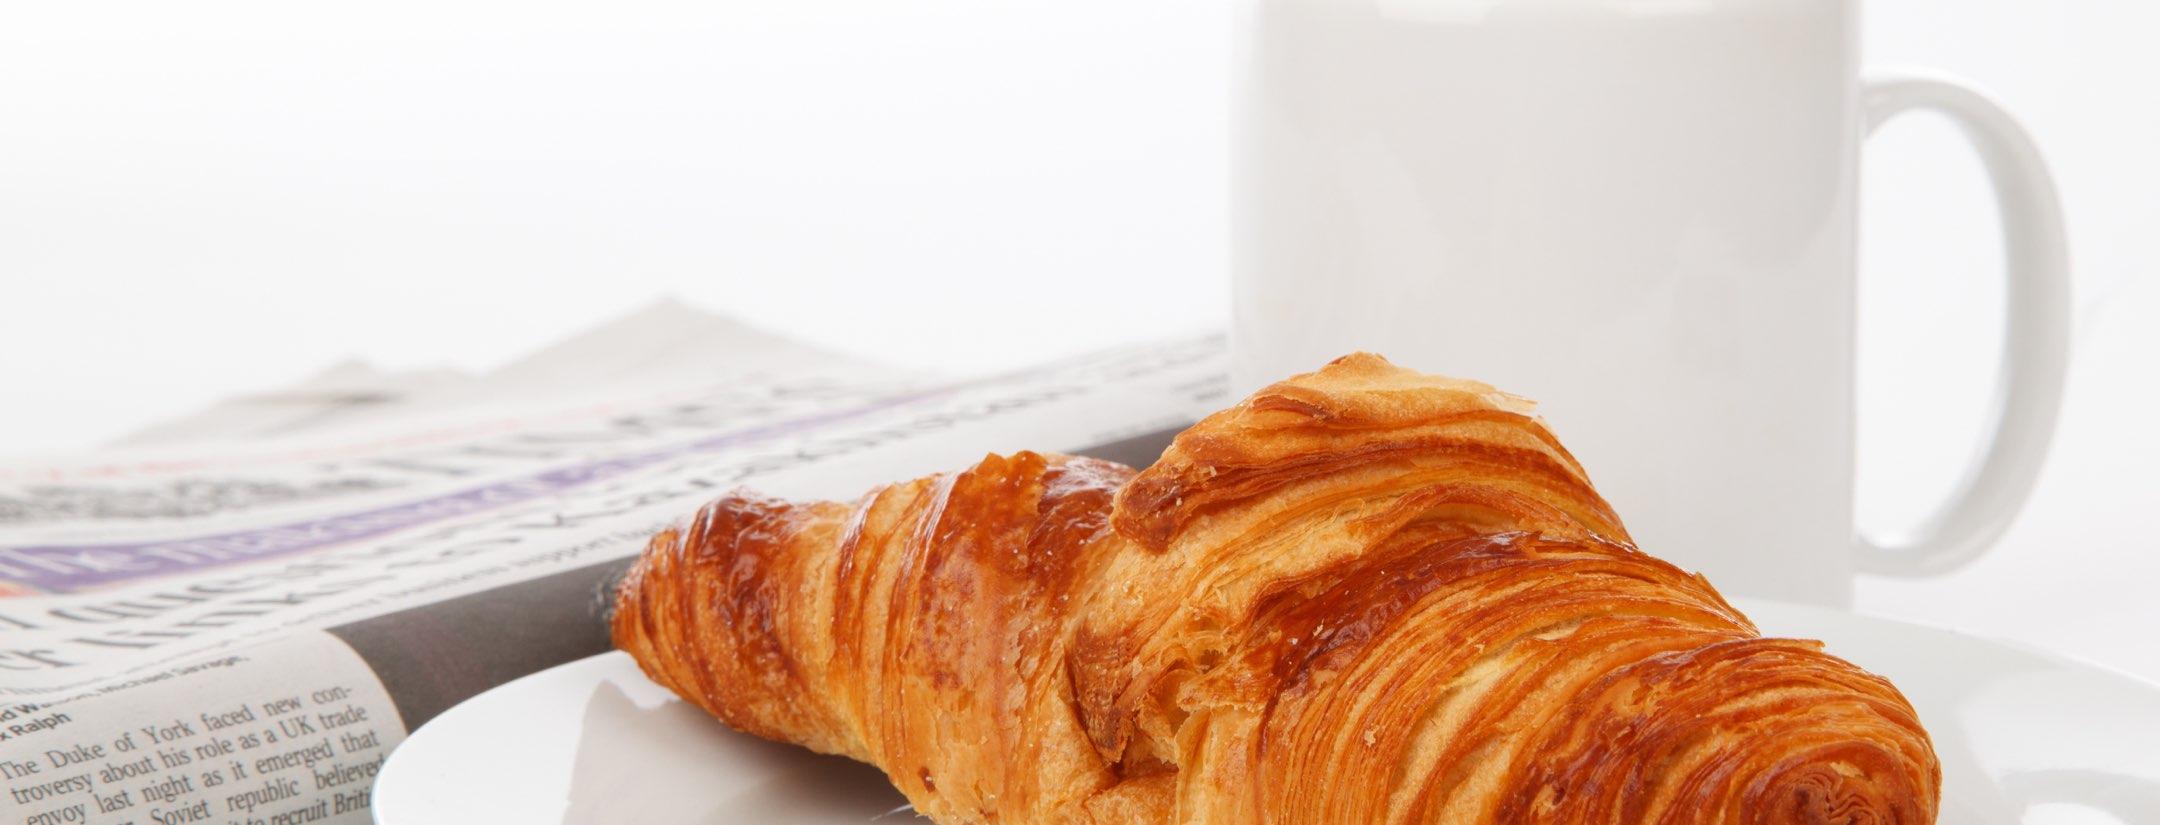 Croissant bredvid mugg